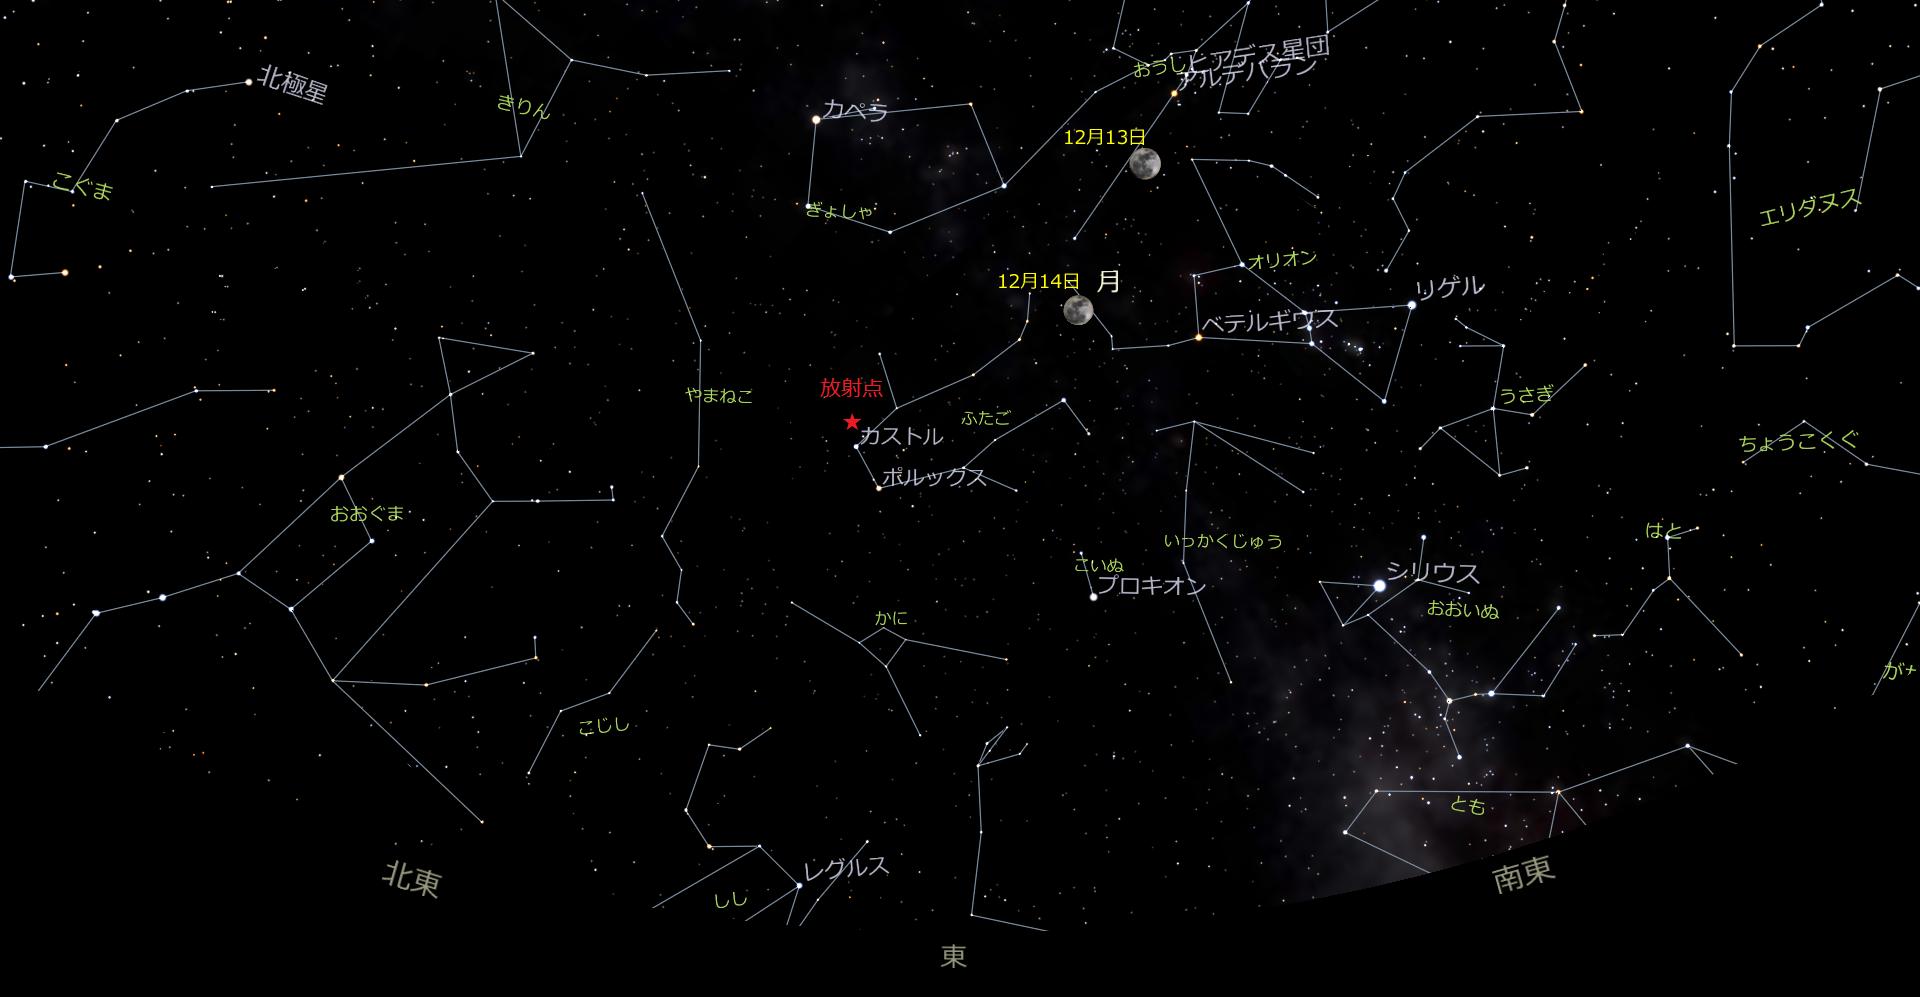 ふたご座流星群 2016年12月13~14日